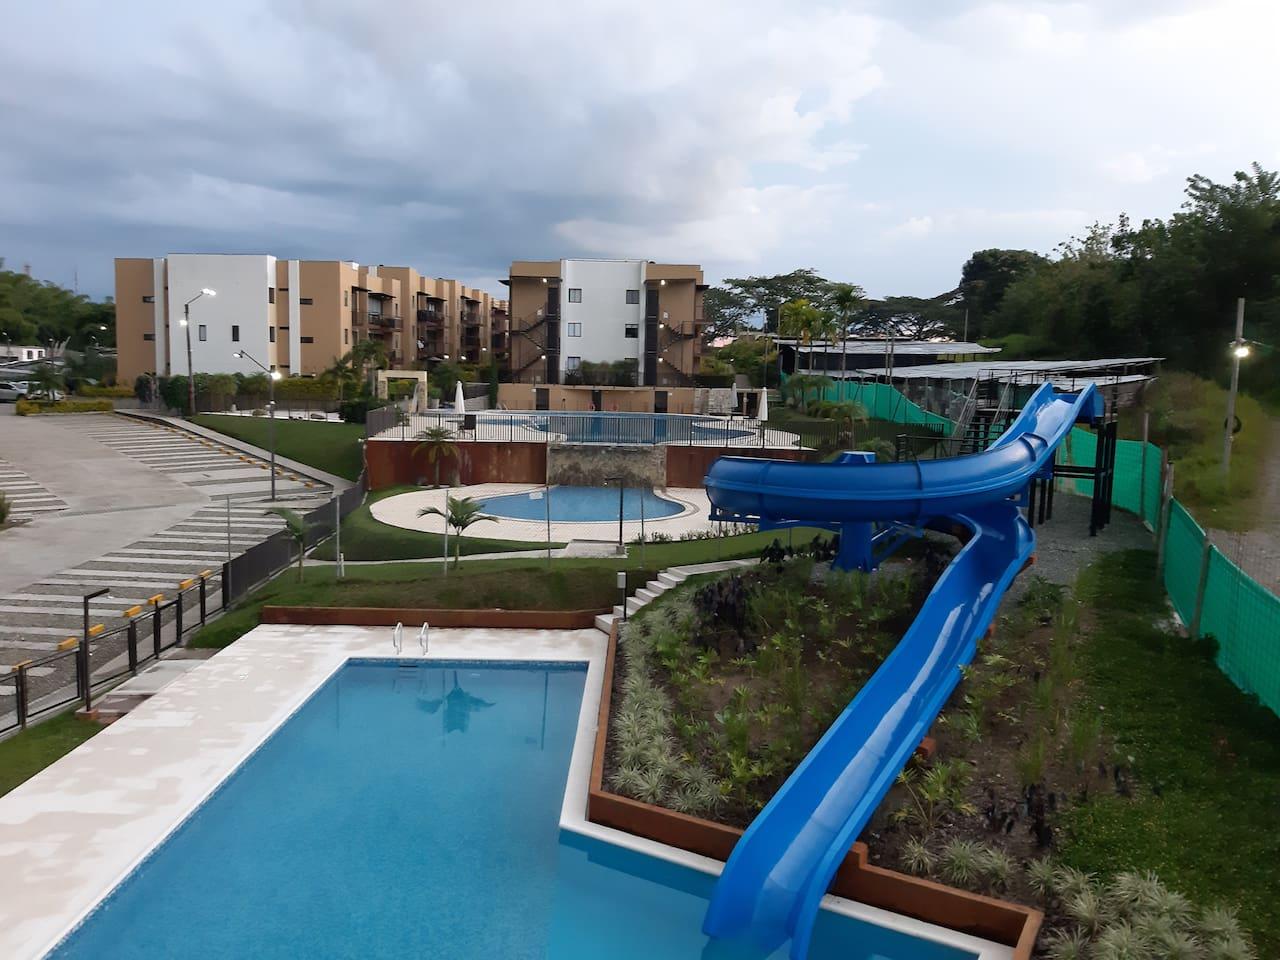 Tres piscinas con tobogán y jacuzzi.